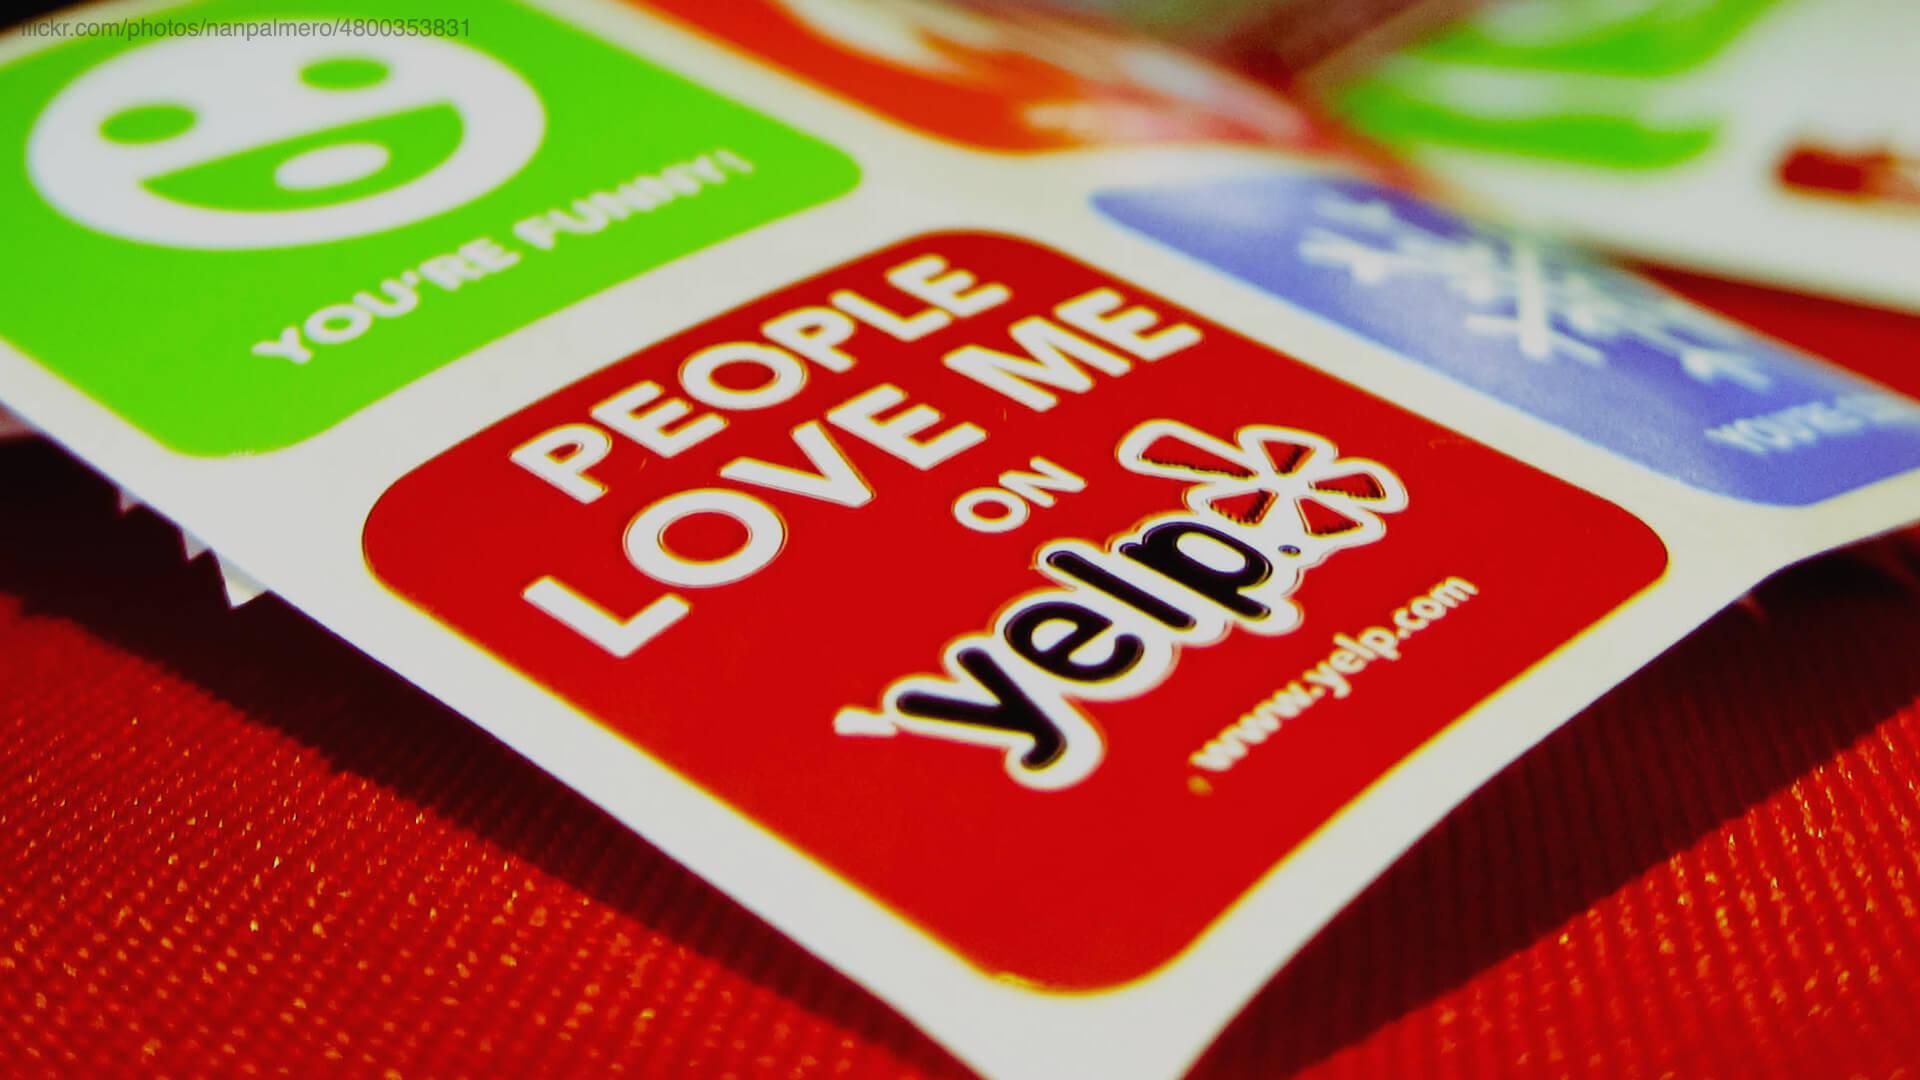 Yelp incorpora el panel de anuncios a Yelp para empresas y presenta nuevas funciones de anuncios